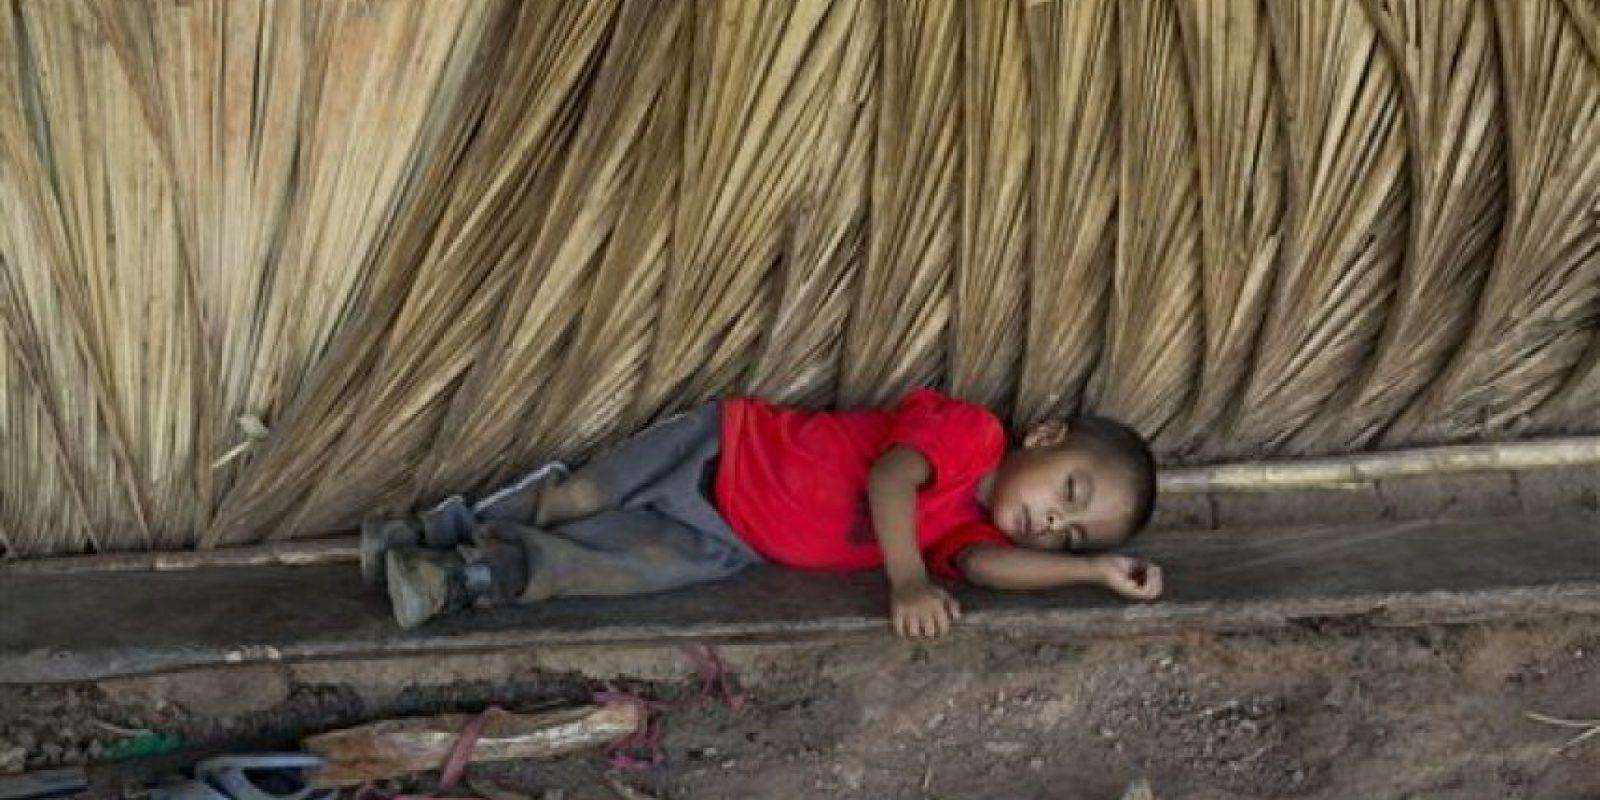 Giovani Martínez descansa en una banca improvisada afuera de su casa en la aldea de Caparrosa, en el estado oriental Chiquimula en Guatemala. Foto:AP/ Archivo